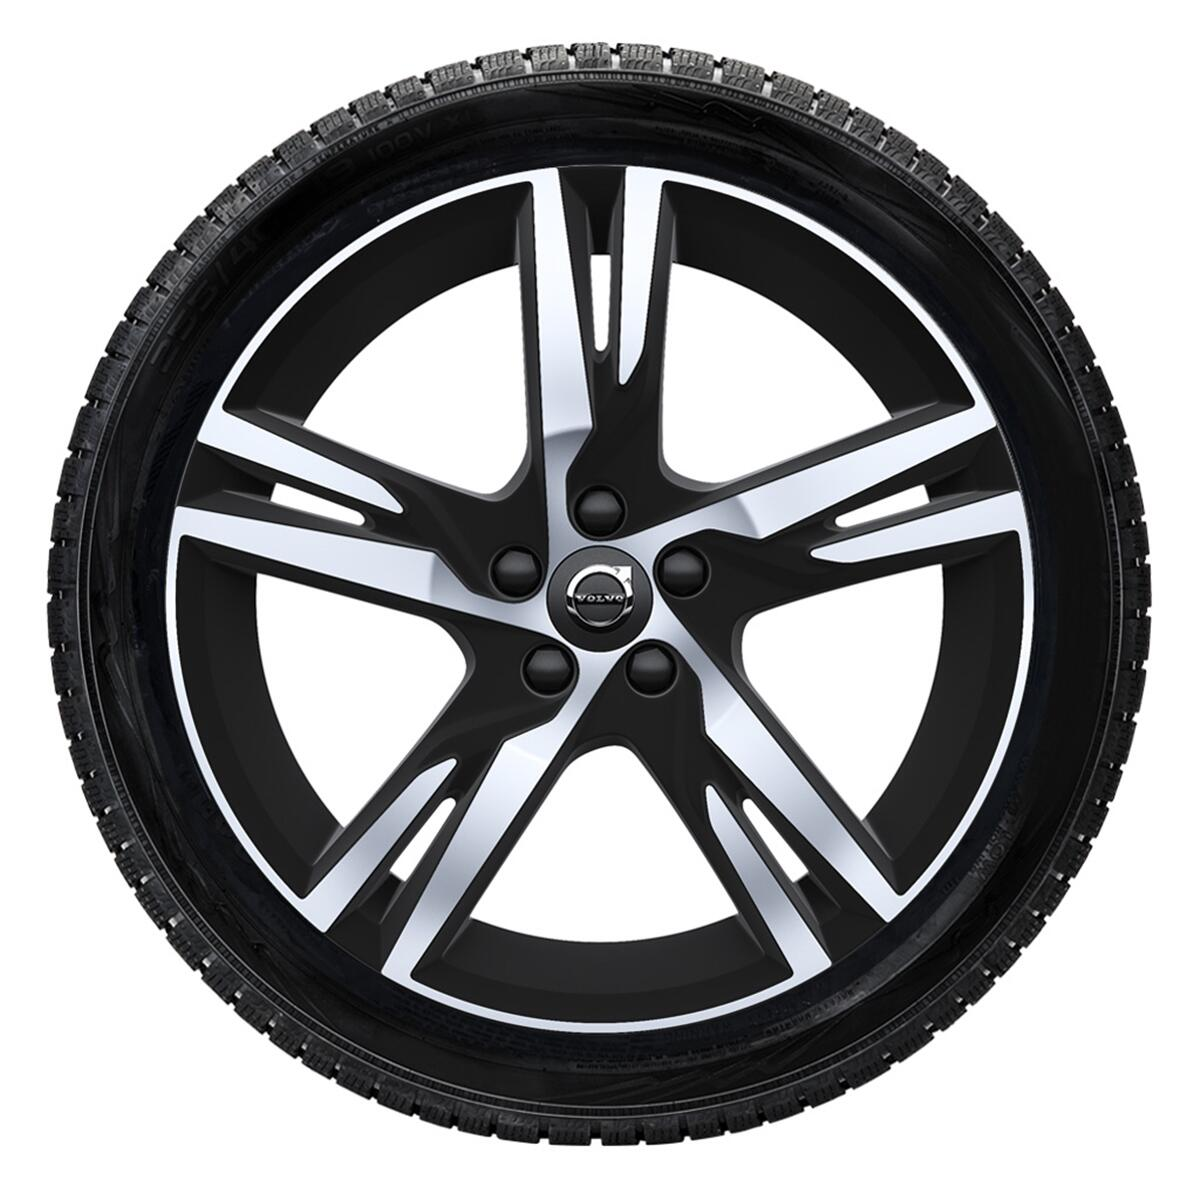 komplet zimskih kotača: 19'', gume: Continental